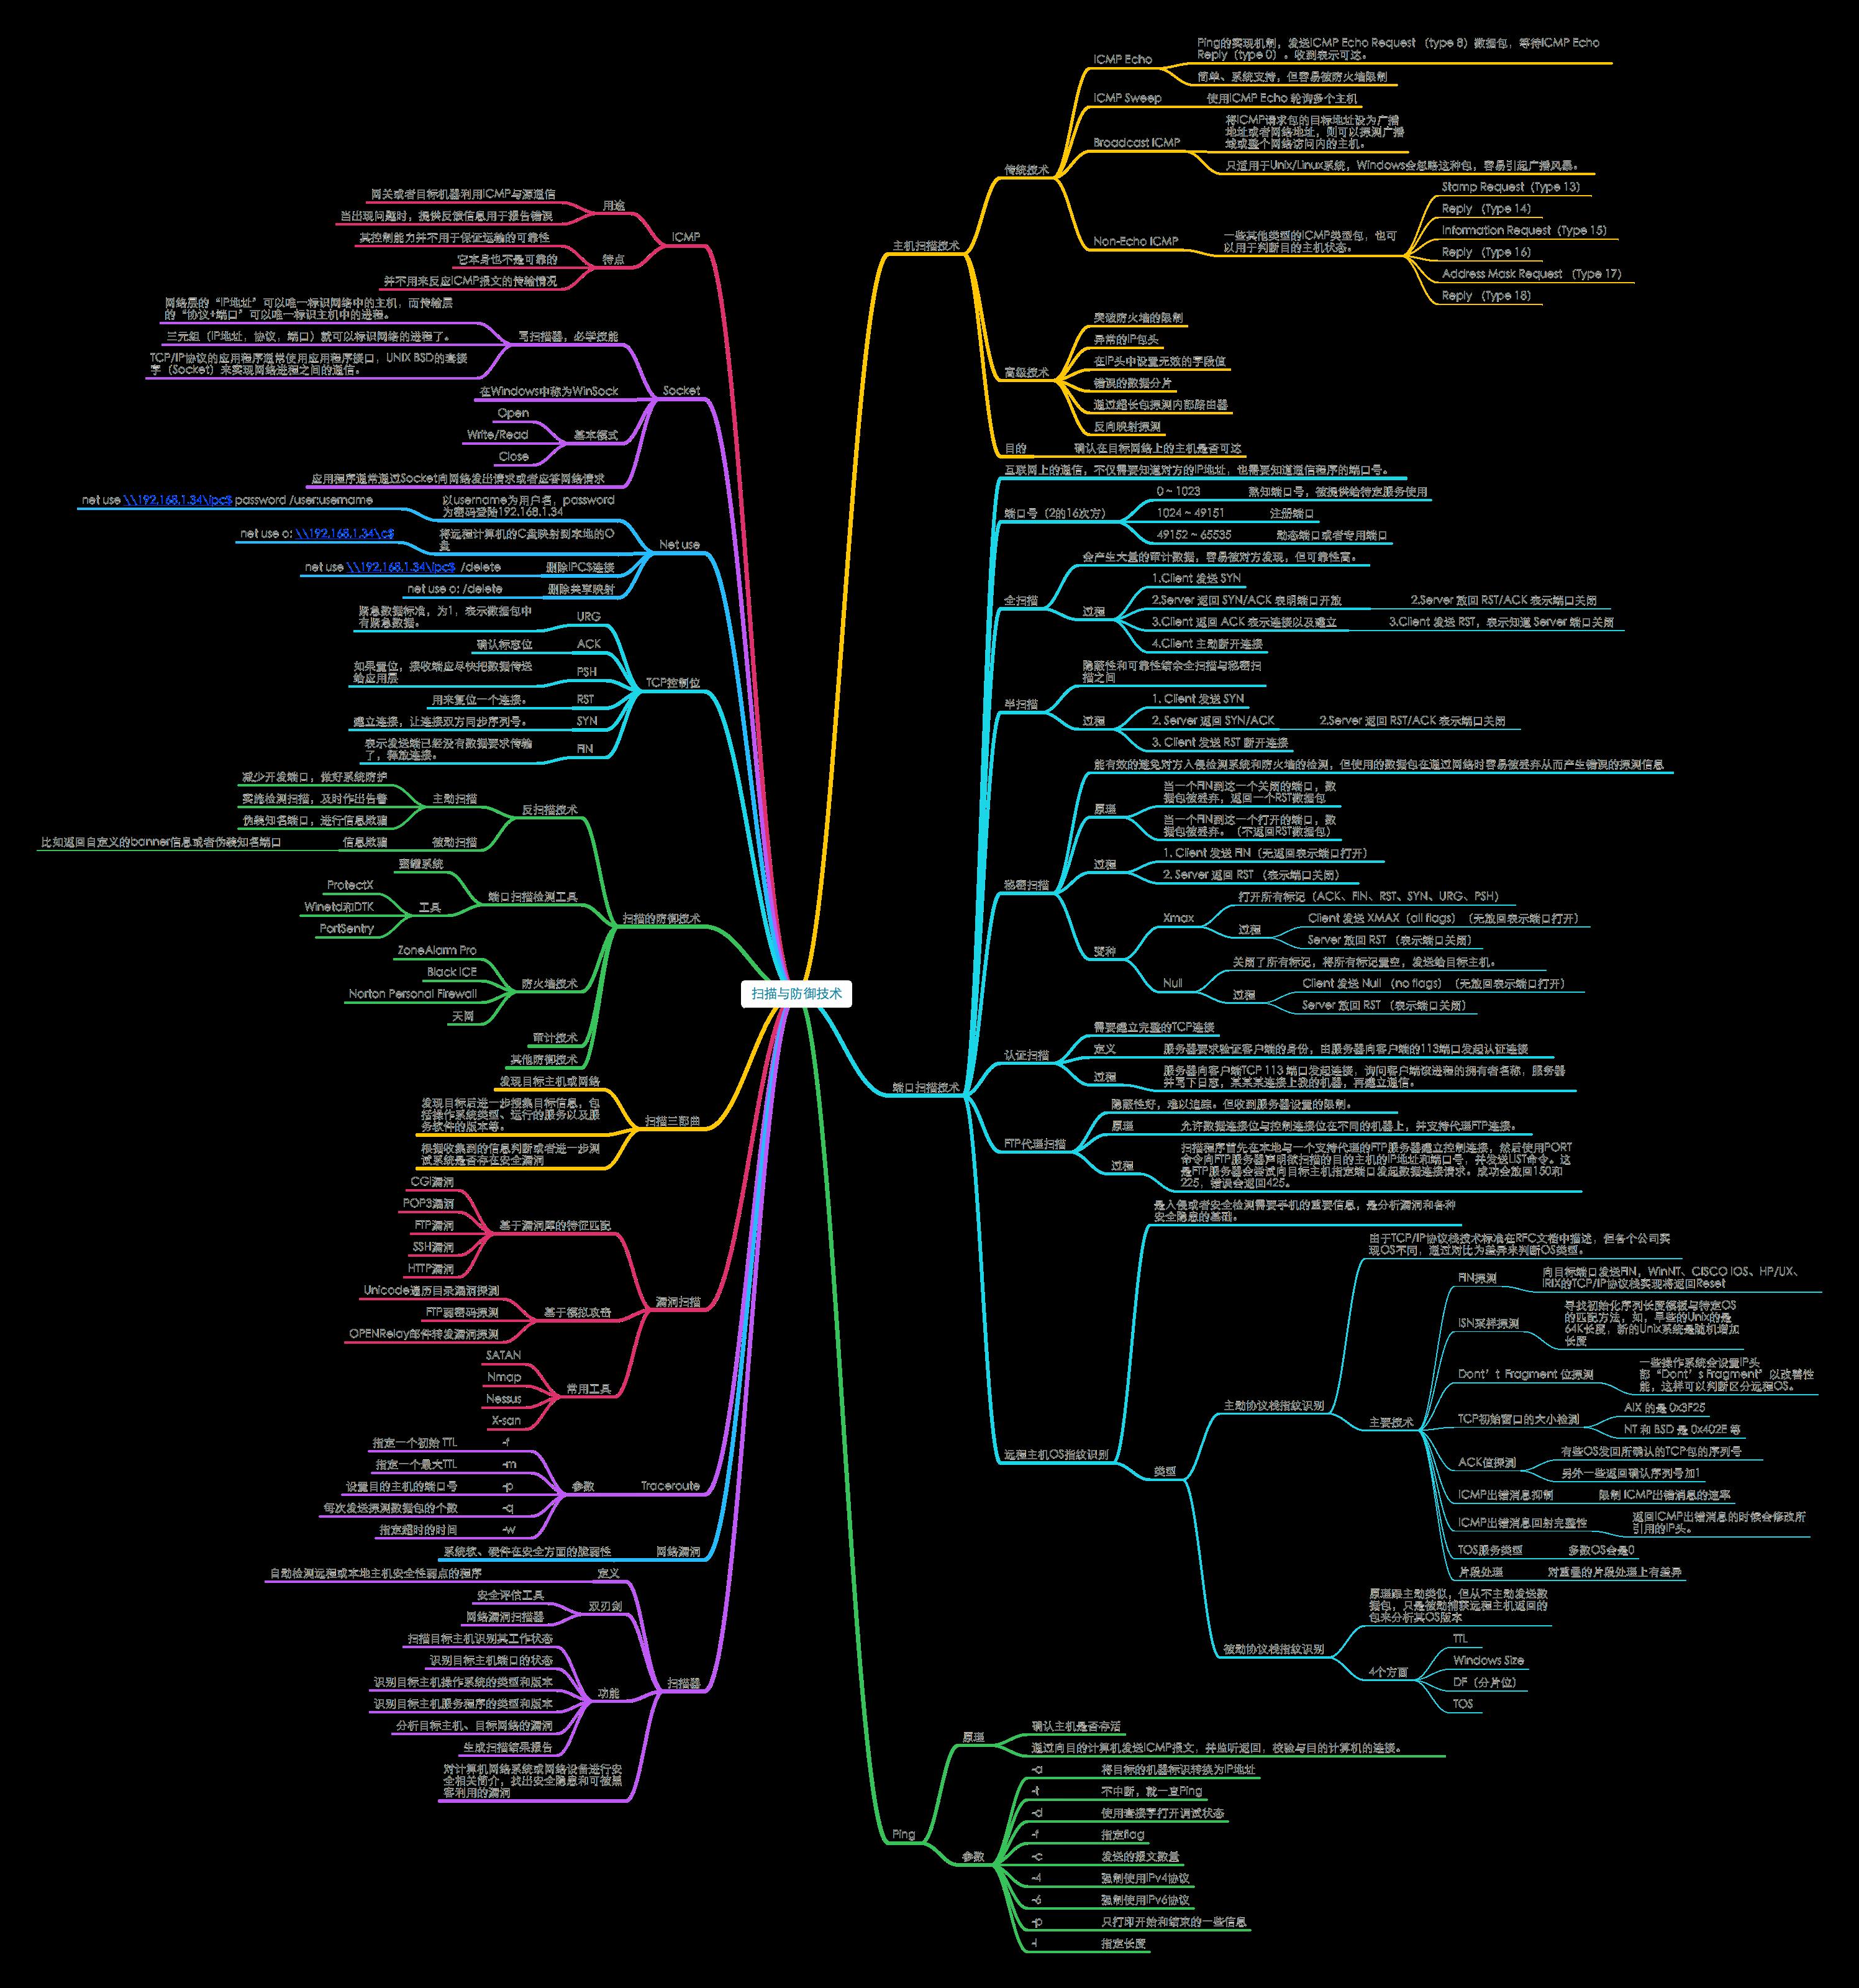 20180628_《网络安全思维导图》1.2扫描与防御技术.png